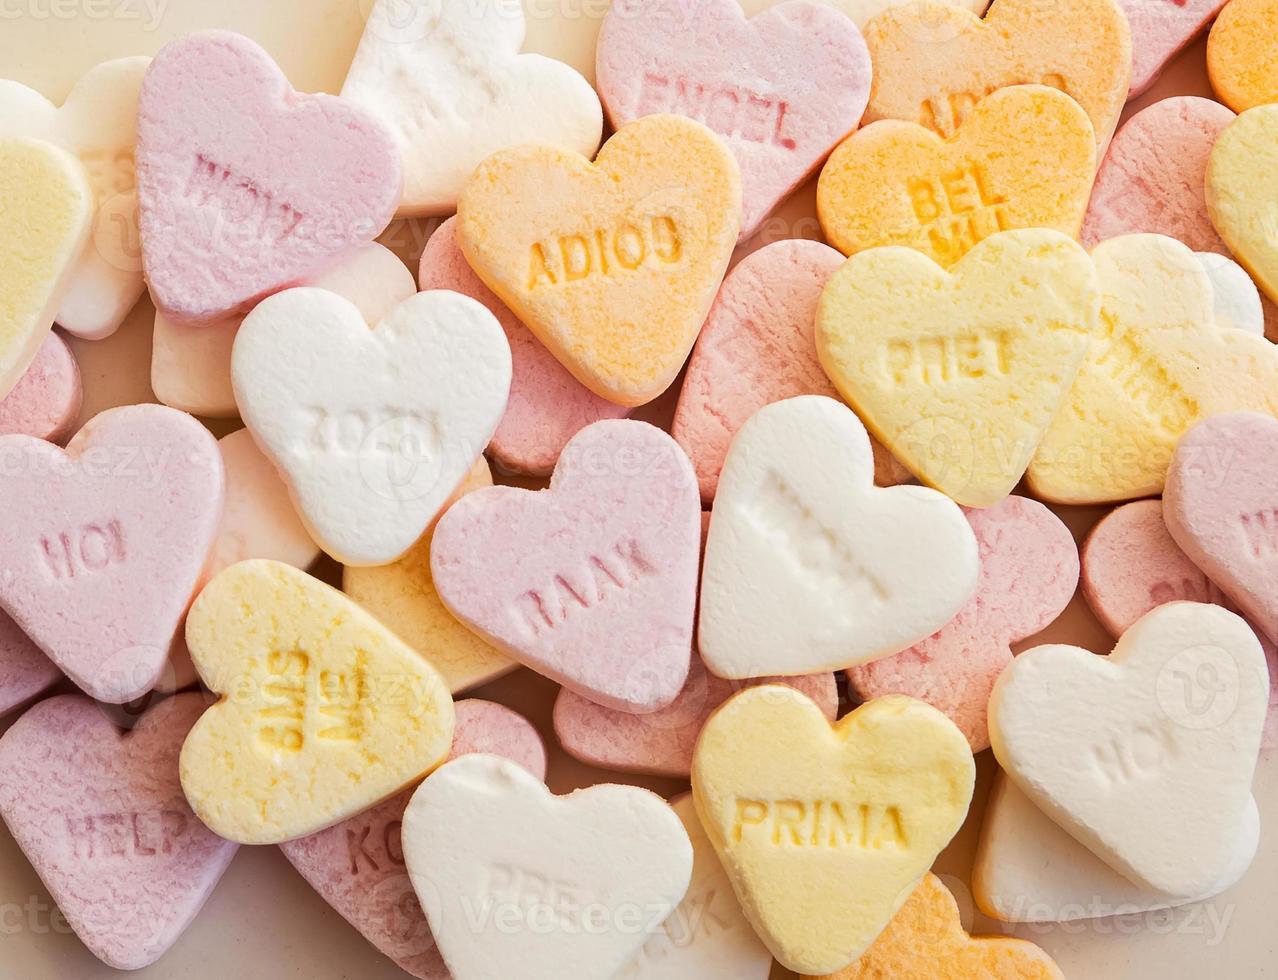 Heart shaped shugar candies photo